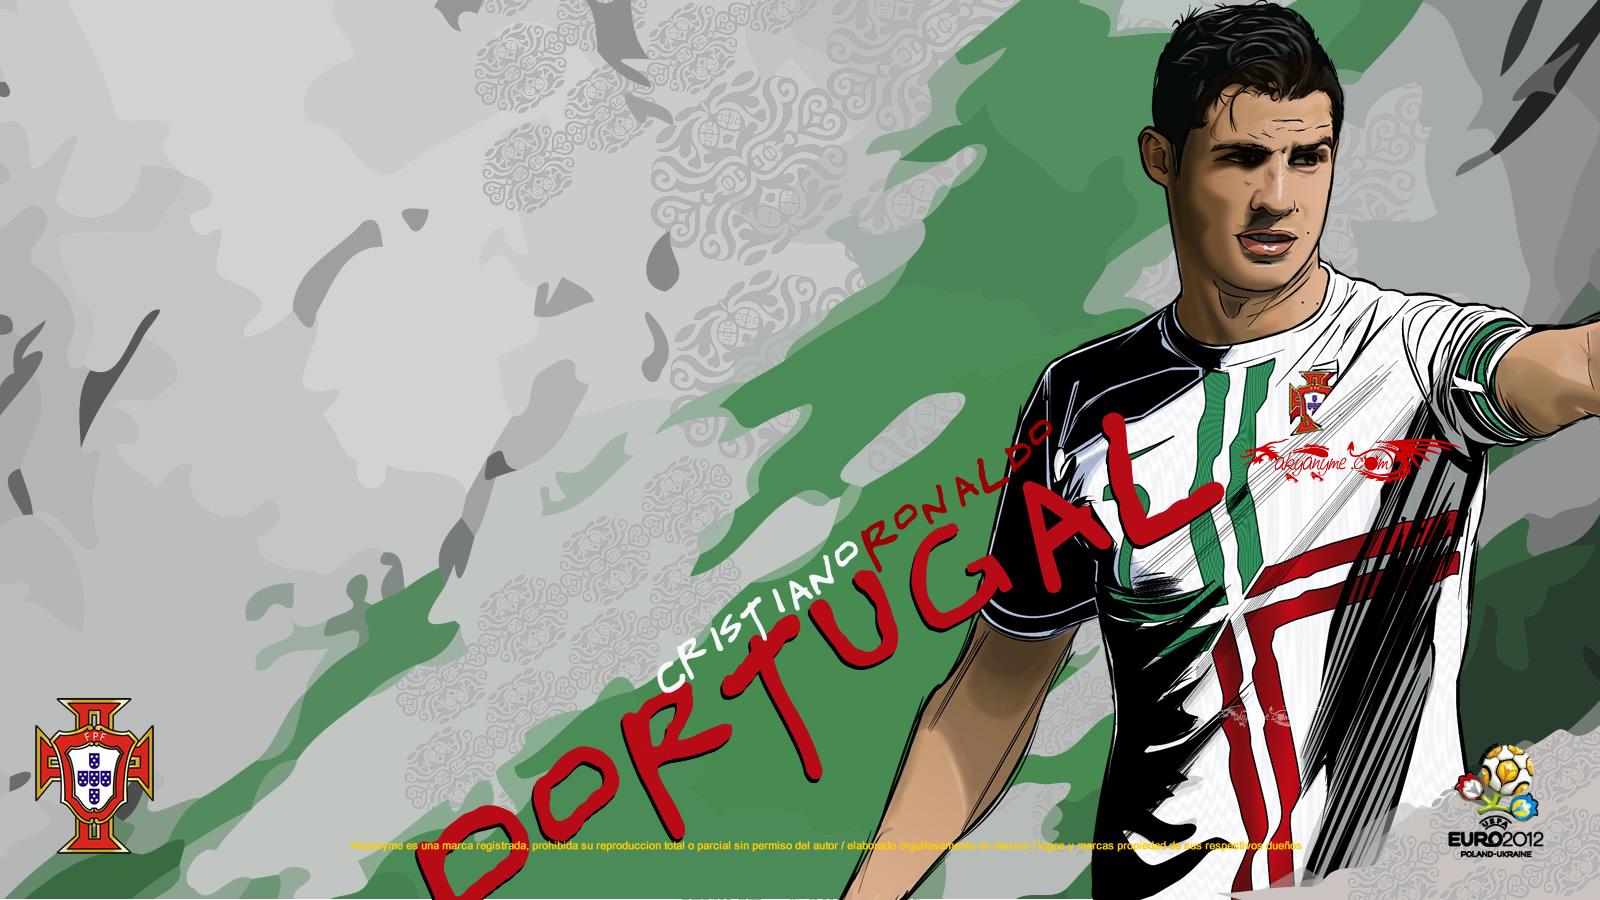 http://4.bp.blogspot.com/-jIov4H5ymvA/T-6mG5LX2DI/AAAAAAAAZwc/yLtC3qZwDnc/s1600/cristiano-ronaldo-uefa-euro-cup-2012-wallpaper.jpg